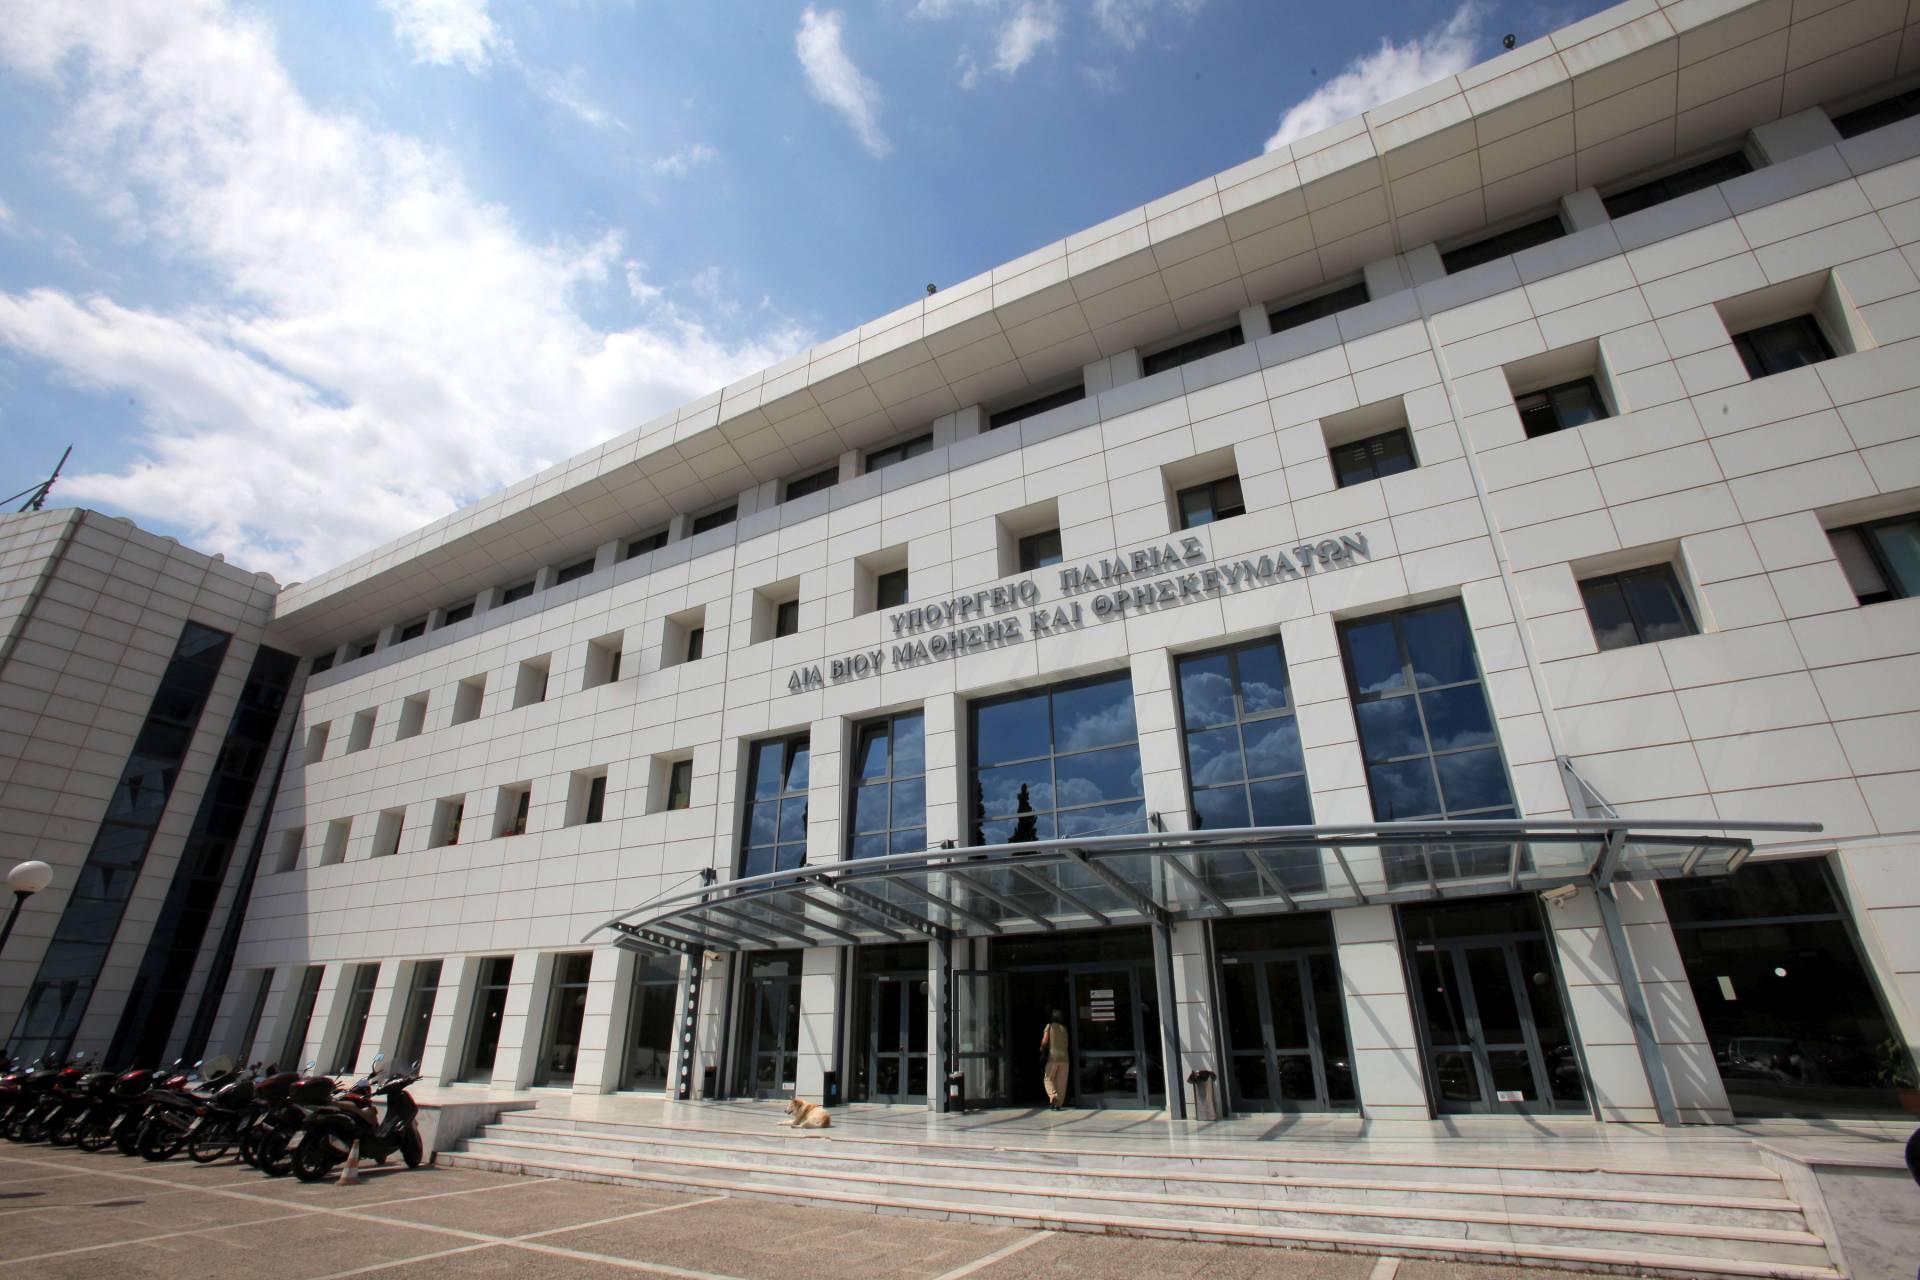 Πανελλαδικές 2019: Έως την Τετάρτη θα αναρτηθούν οι βάσεις εισαγωγής